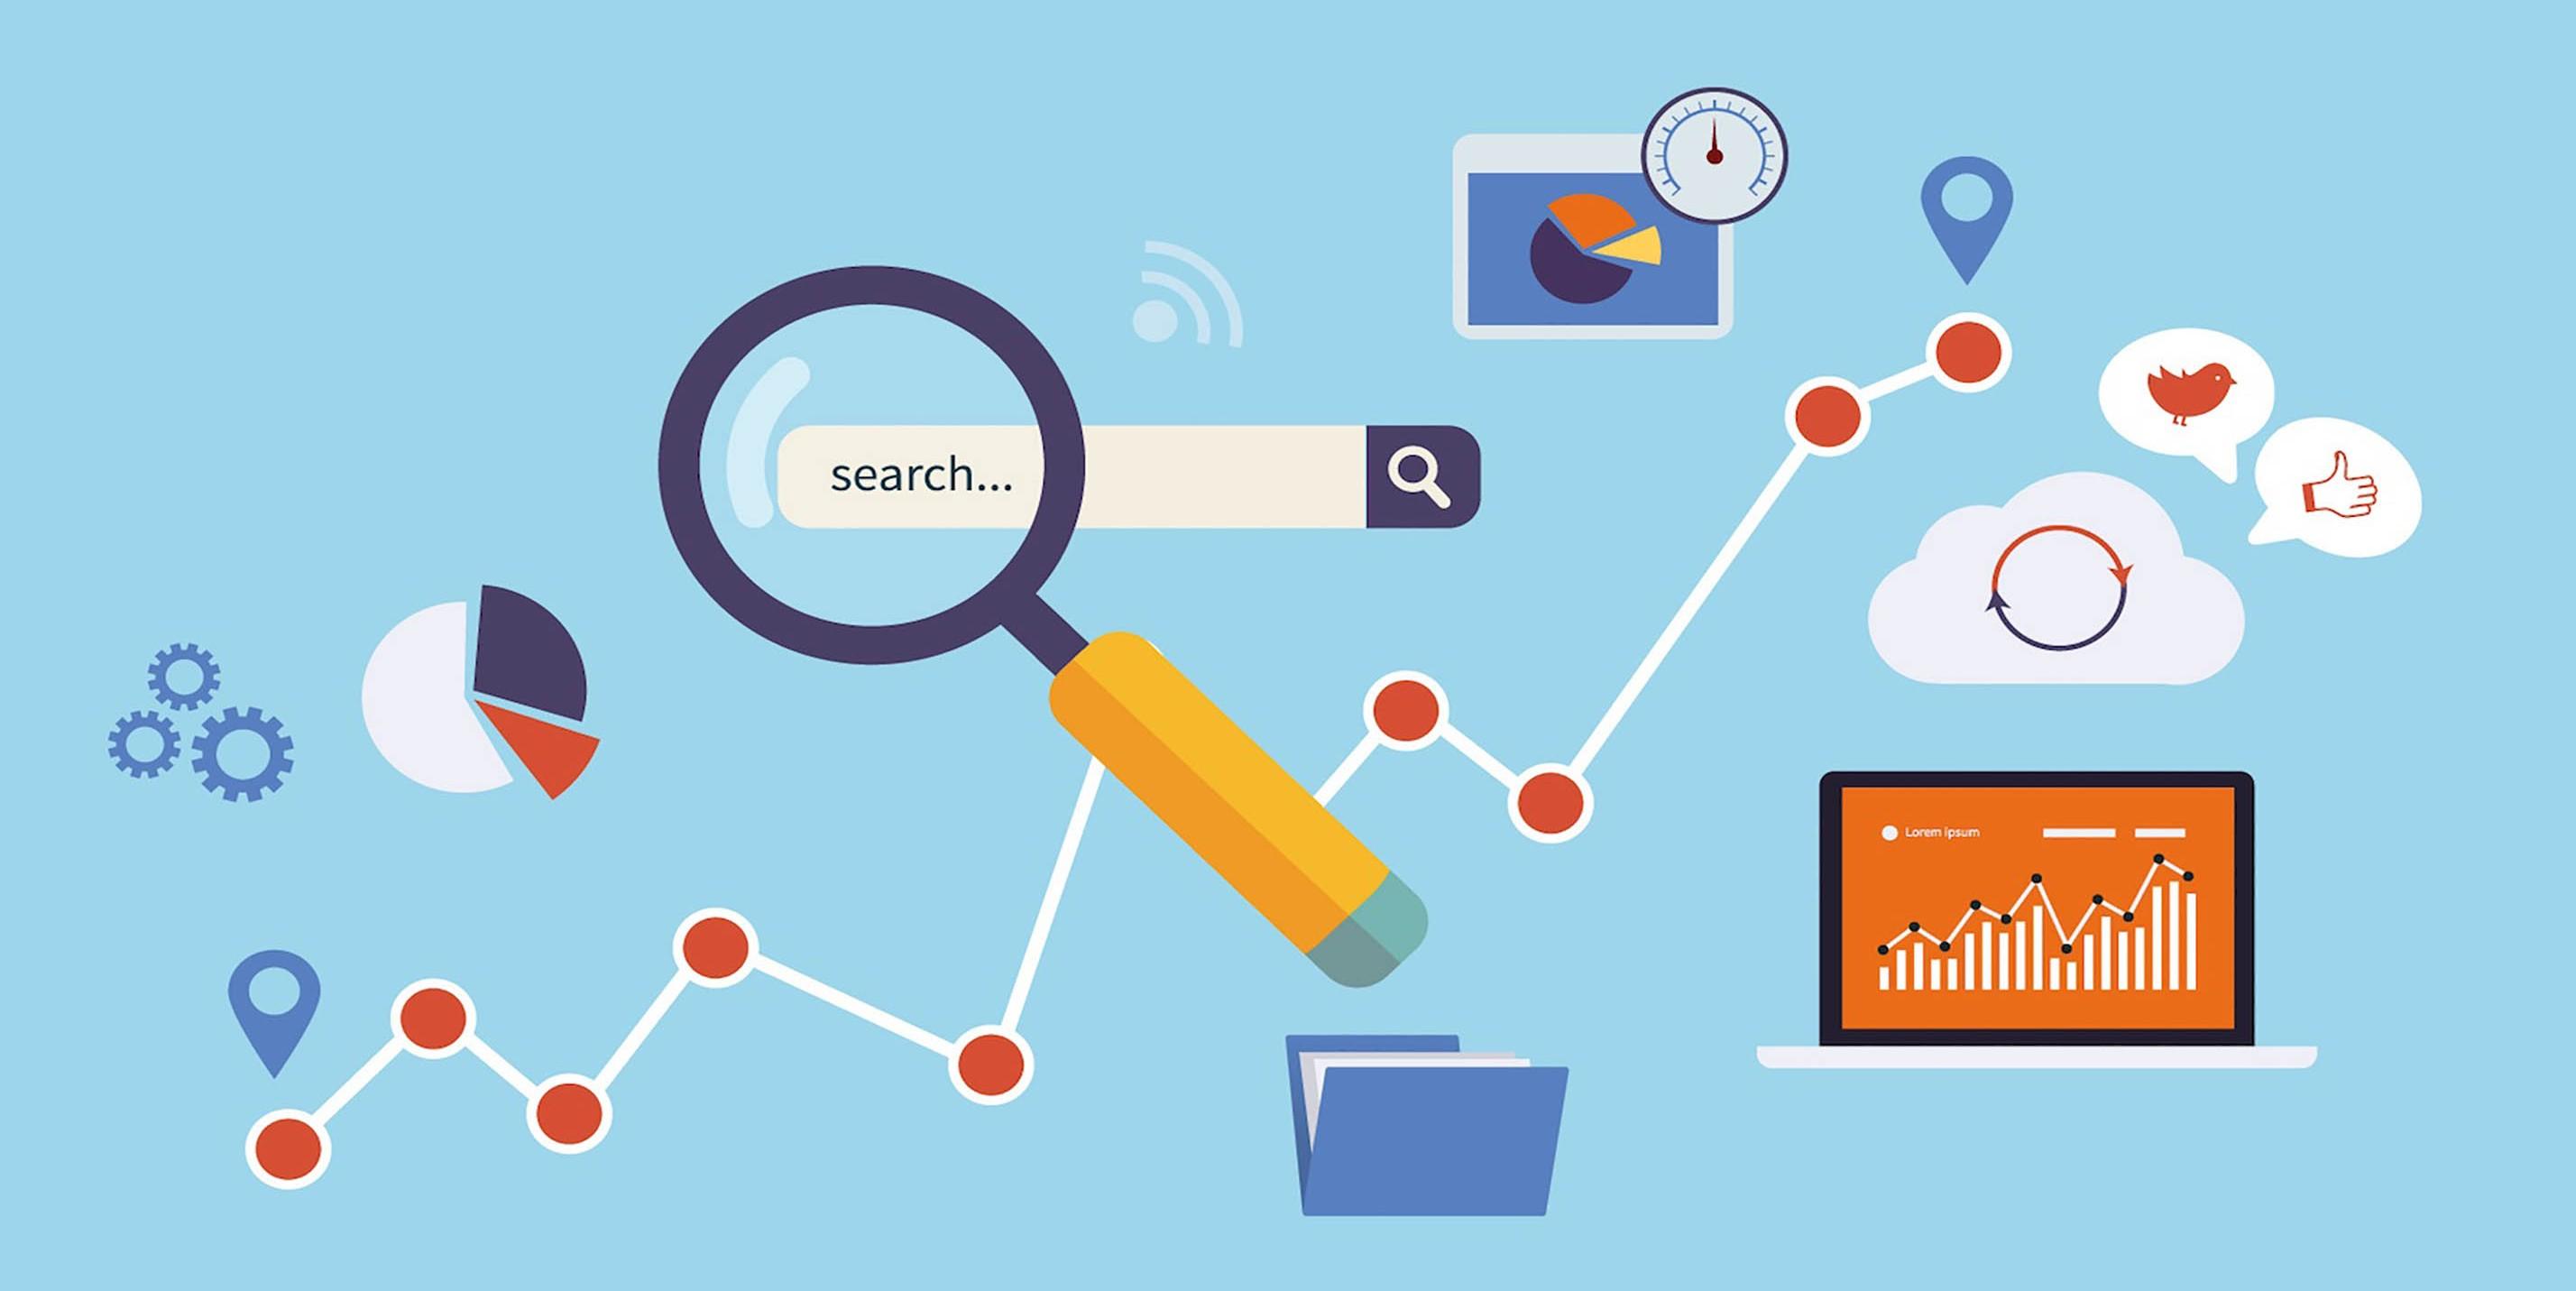 Важный фактор продвижения ресурса, или хороший контент для поисковиков